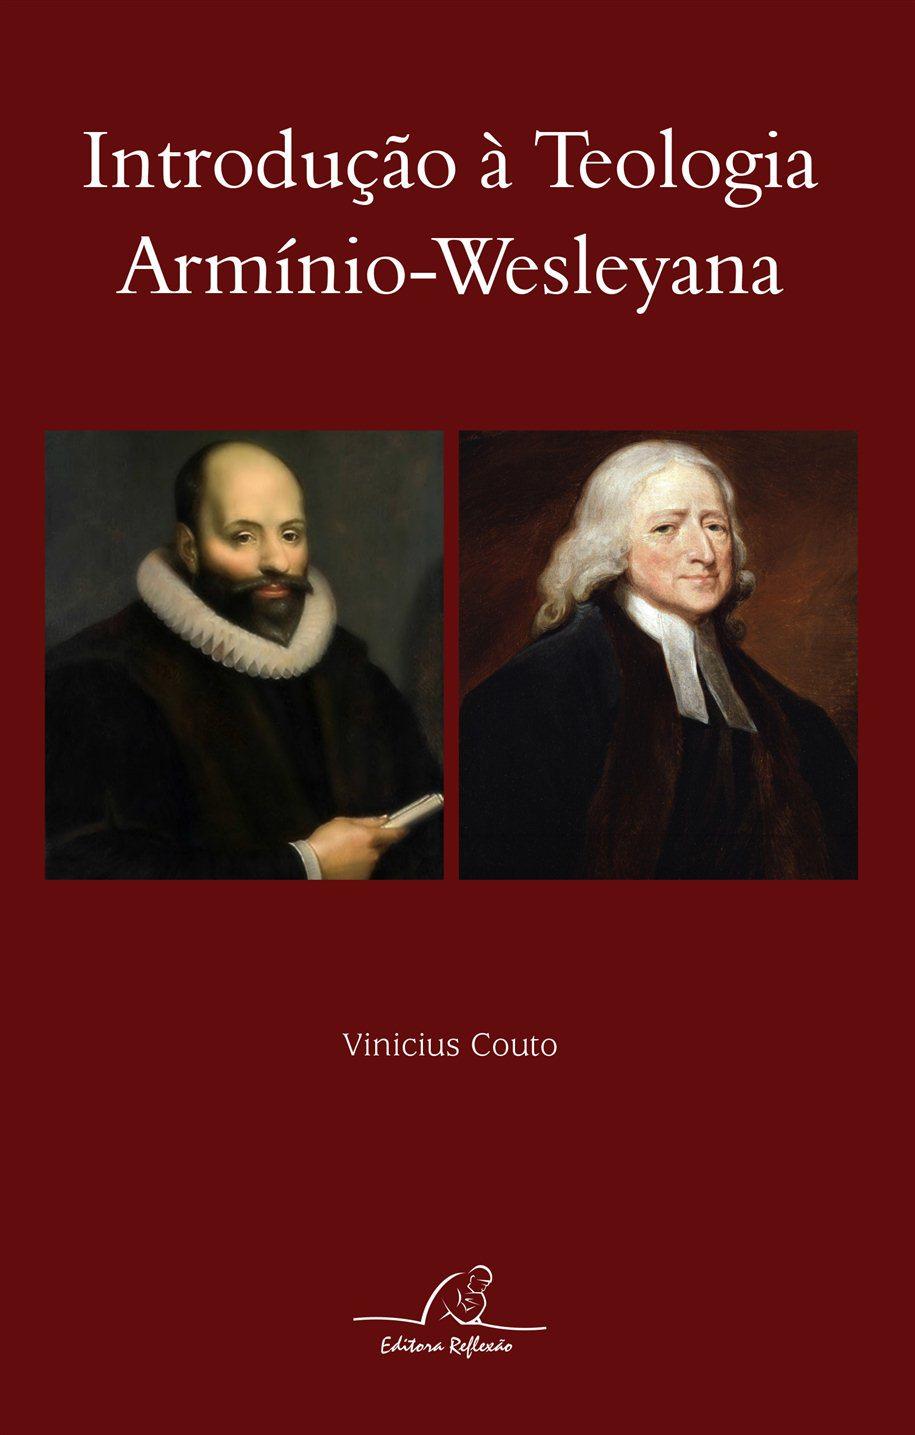 Introdução à teologia Arminiana